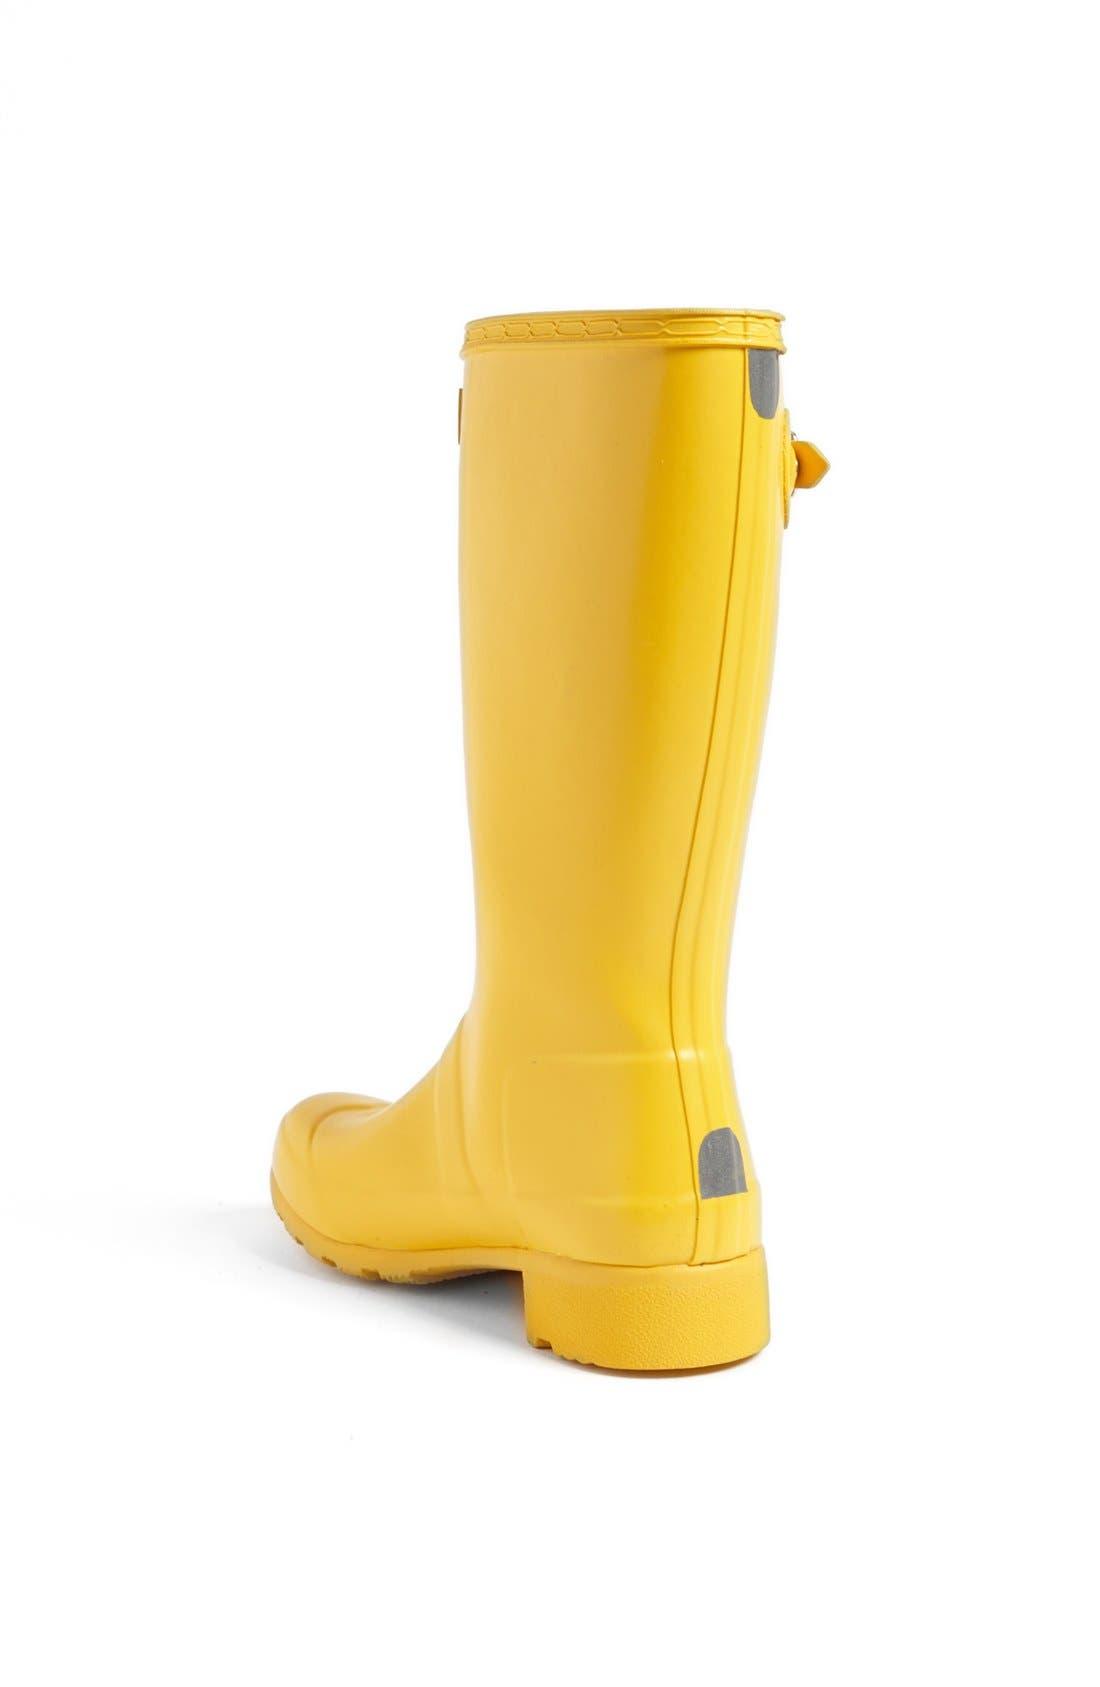 Alternate Image 3  - Hunter 'Tour' Packable Rain Boot (Toddler & Little Kid)